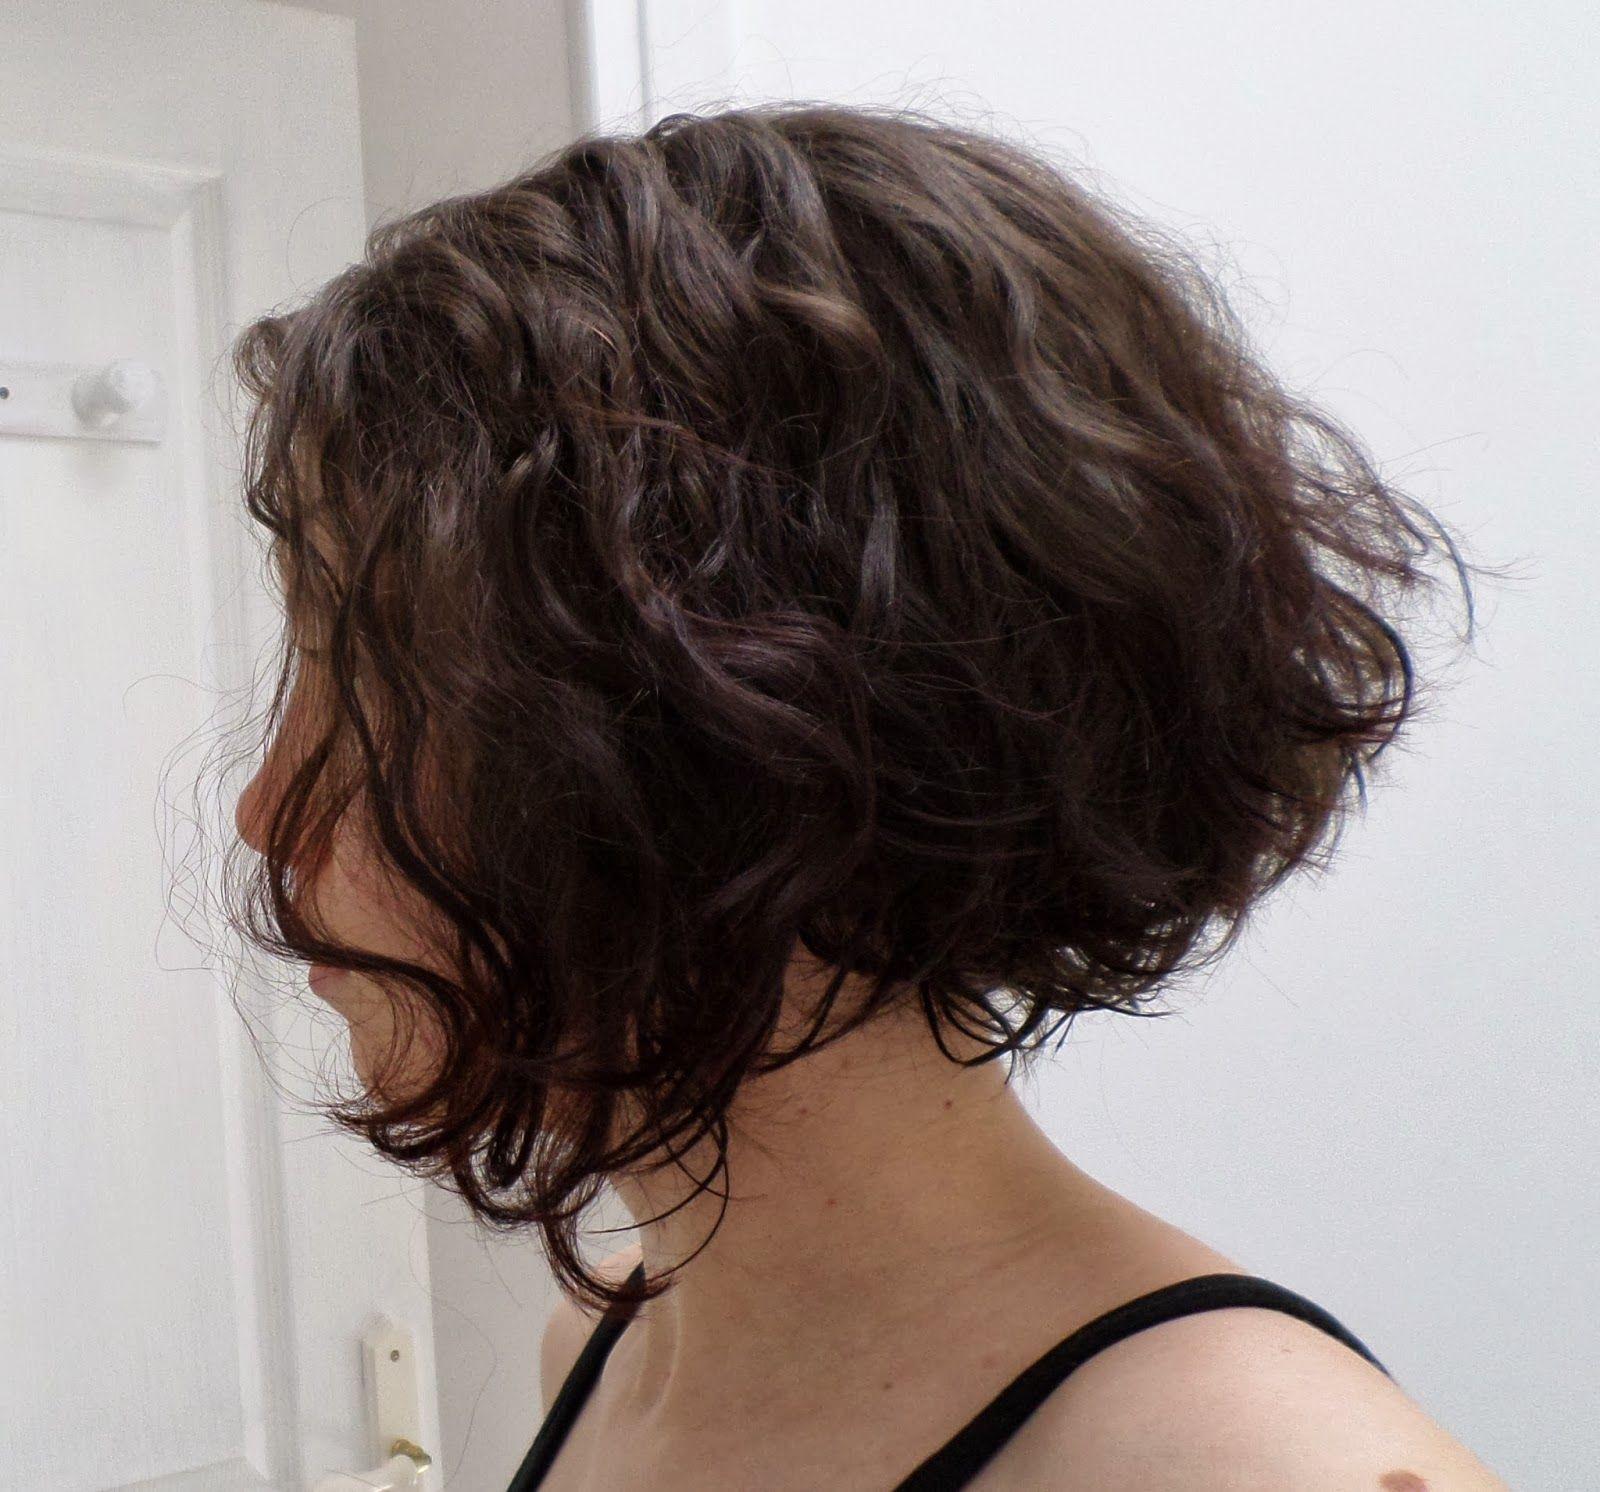 Épinglé sur Corte en cabello con rulos